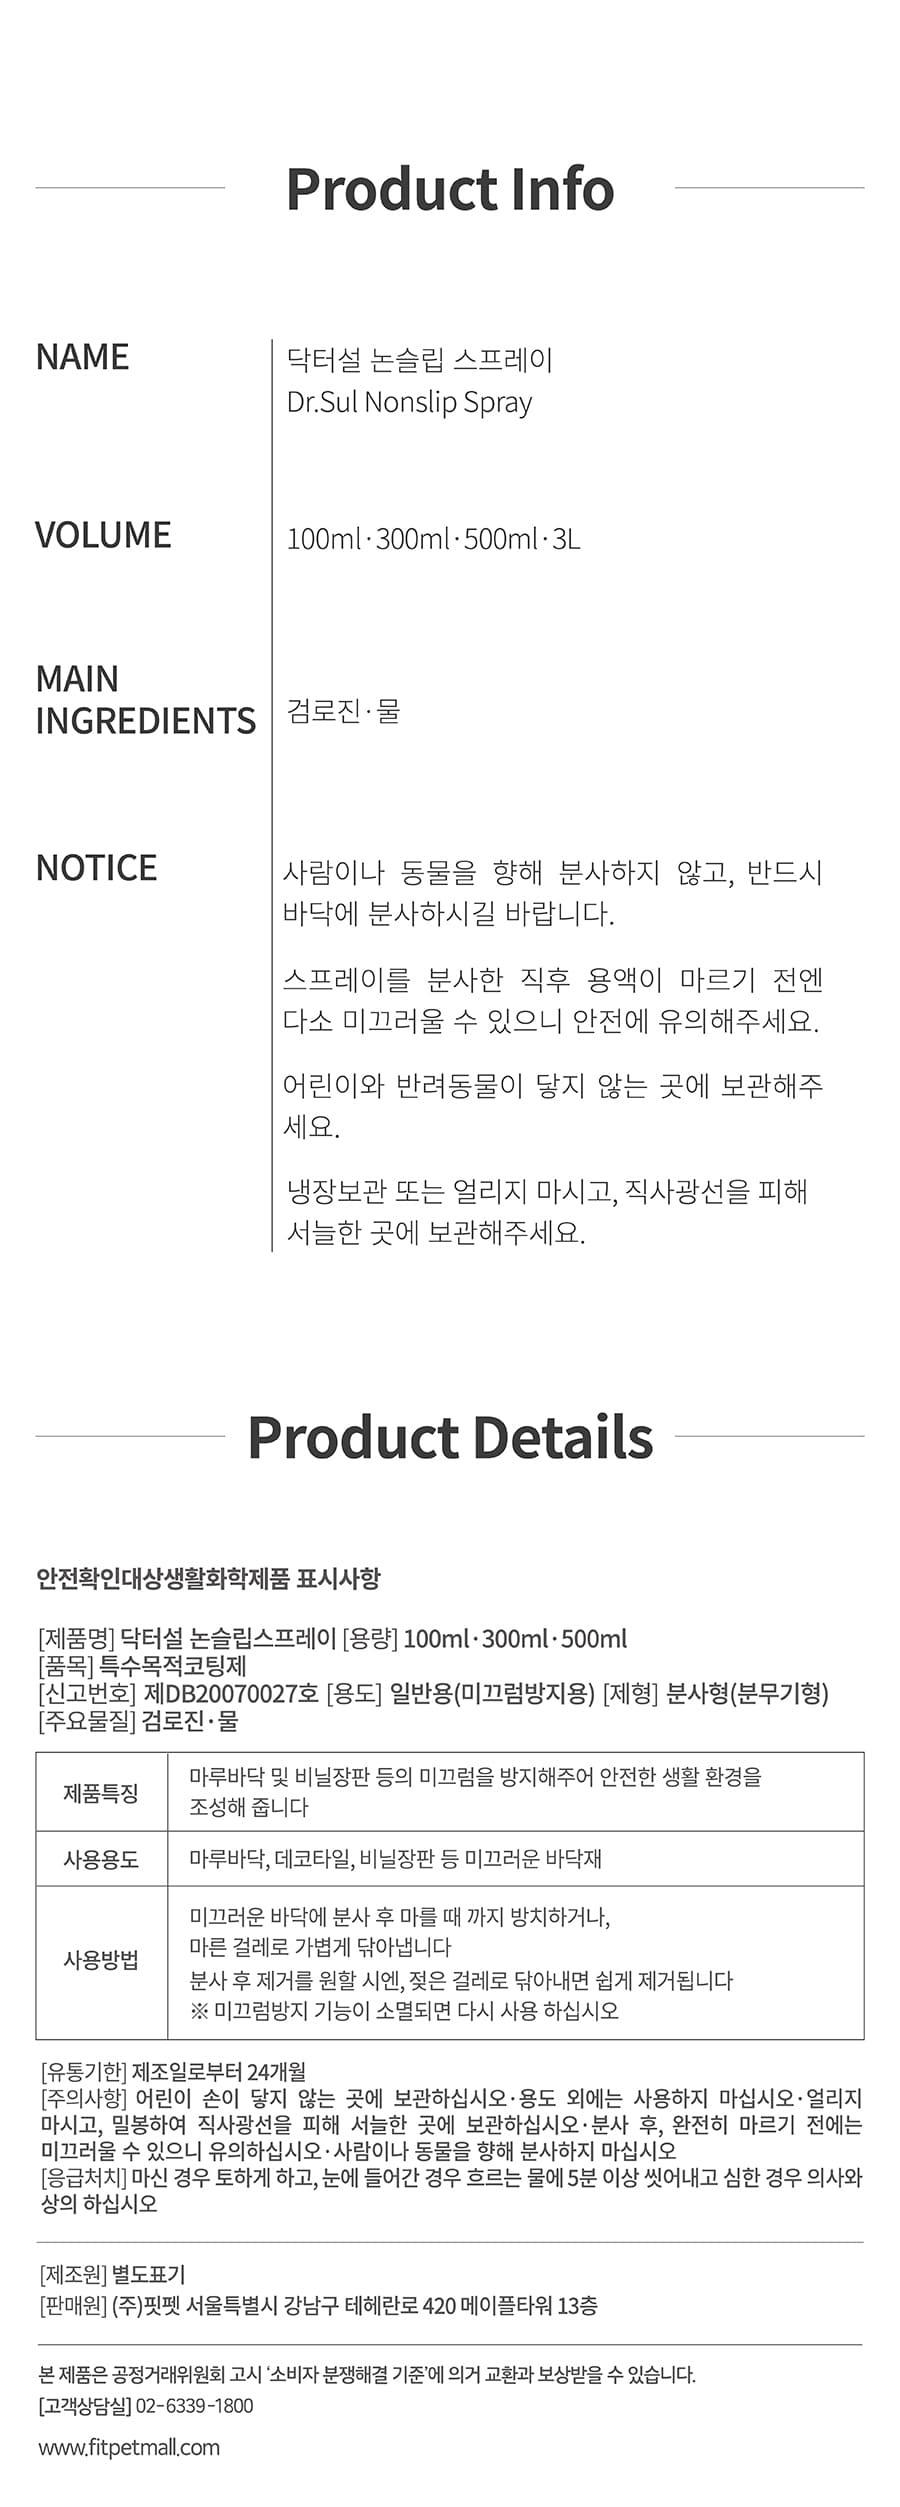 [EVENT] 닥터설 논슬립 스프레이 (300ml)-상품이미지-8